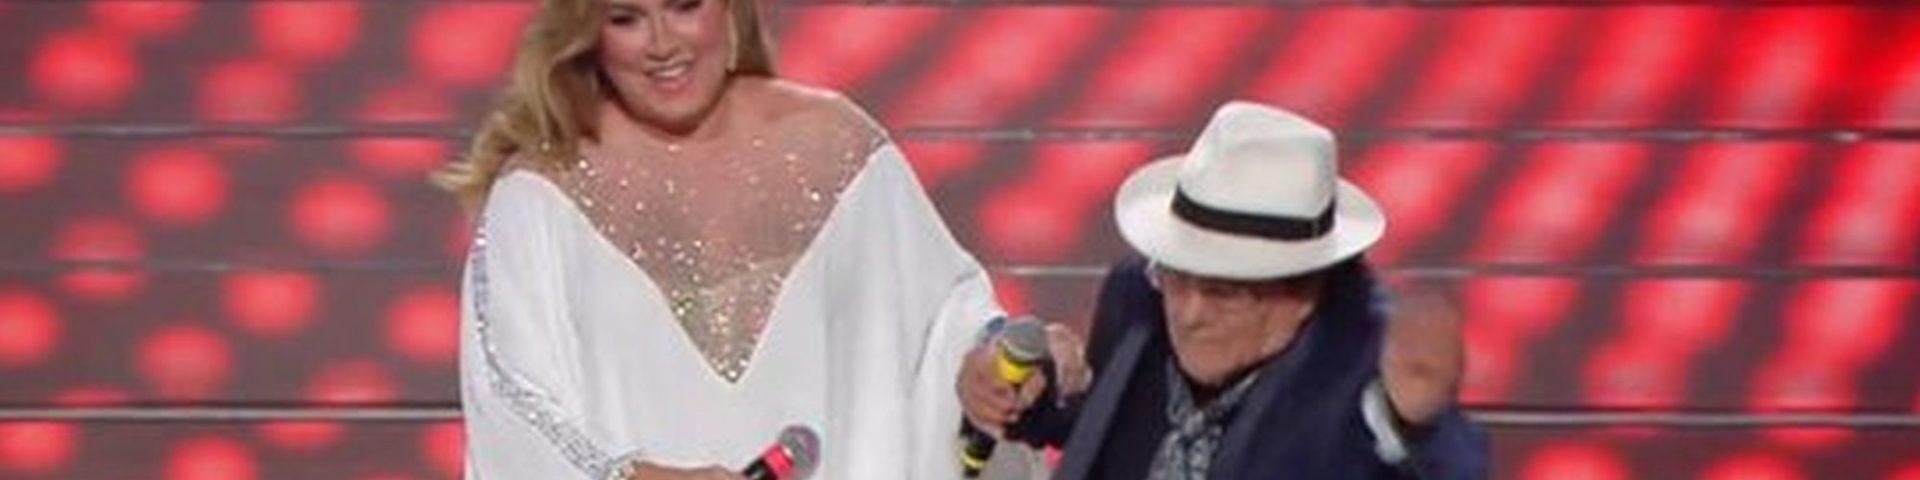 Al Bano inciampa a Sanremo 2020: video della gaffe